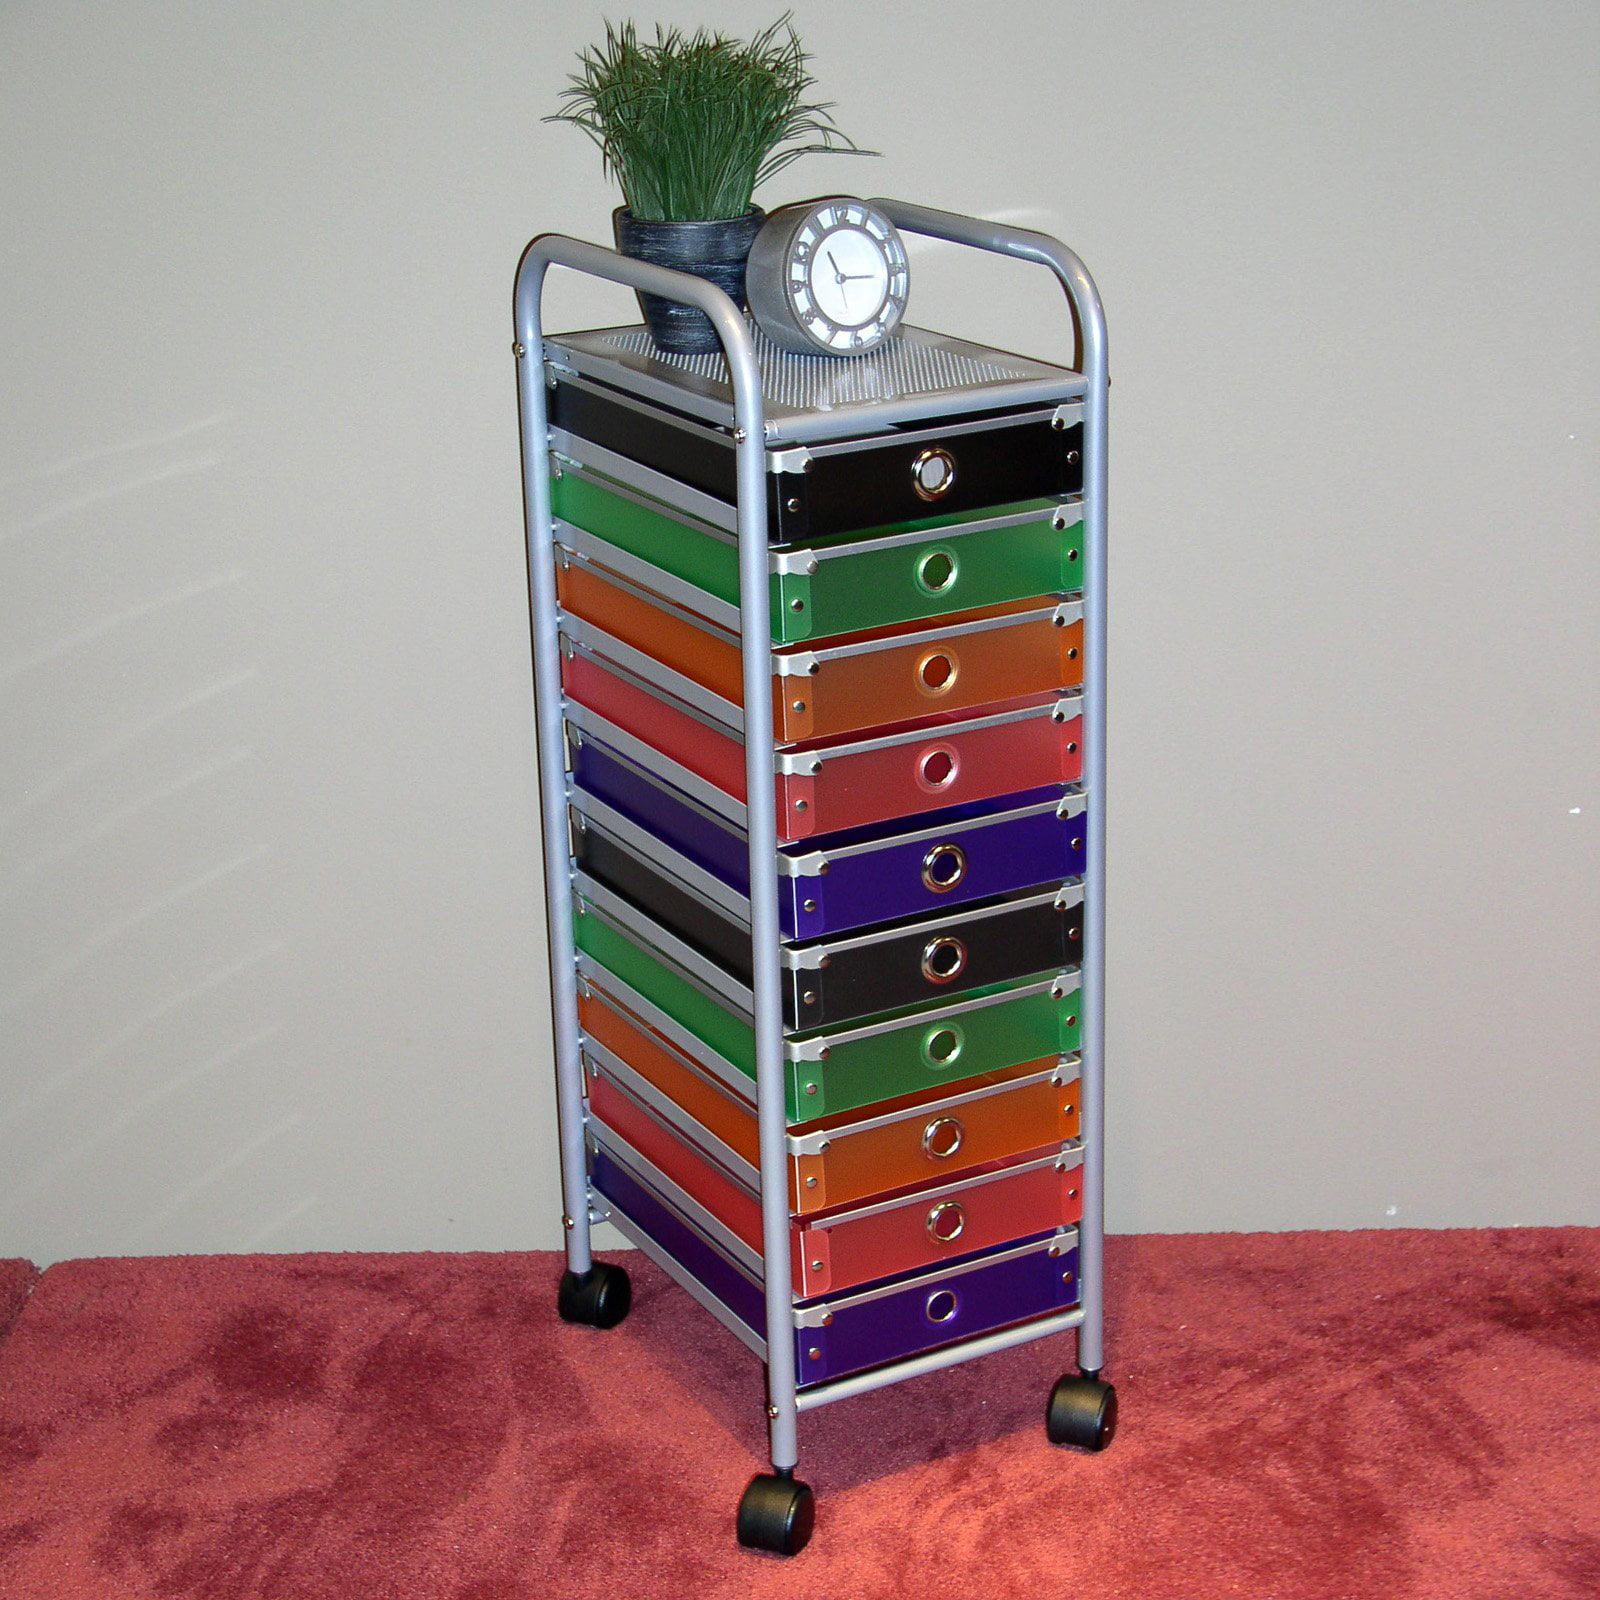 4D Concepts 10-Drawer Storage Unit, Multi-Color